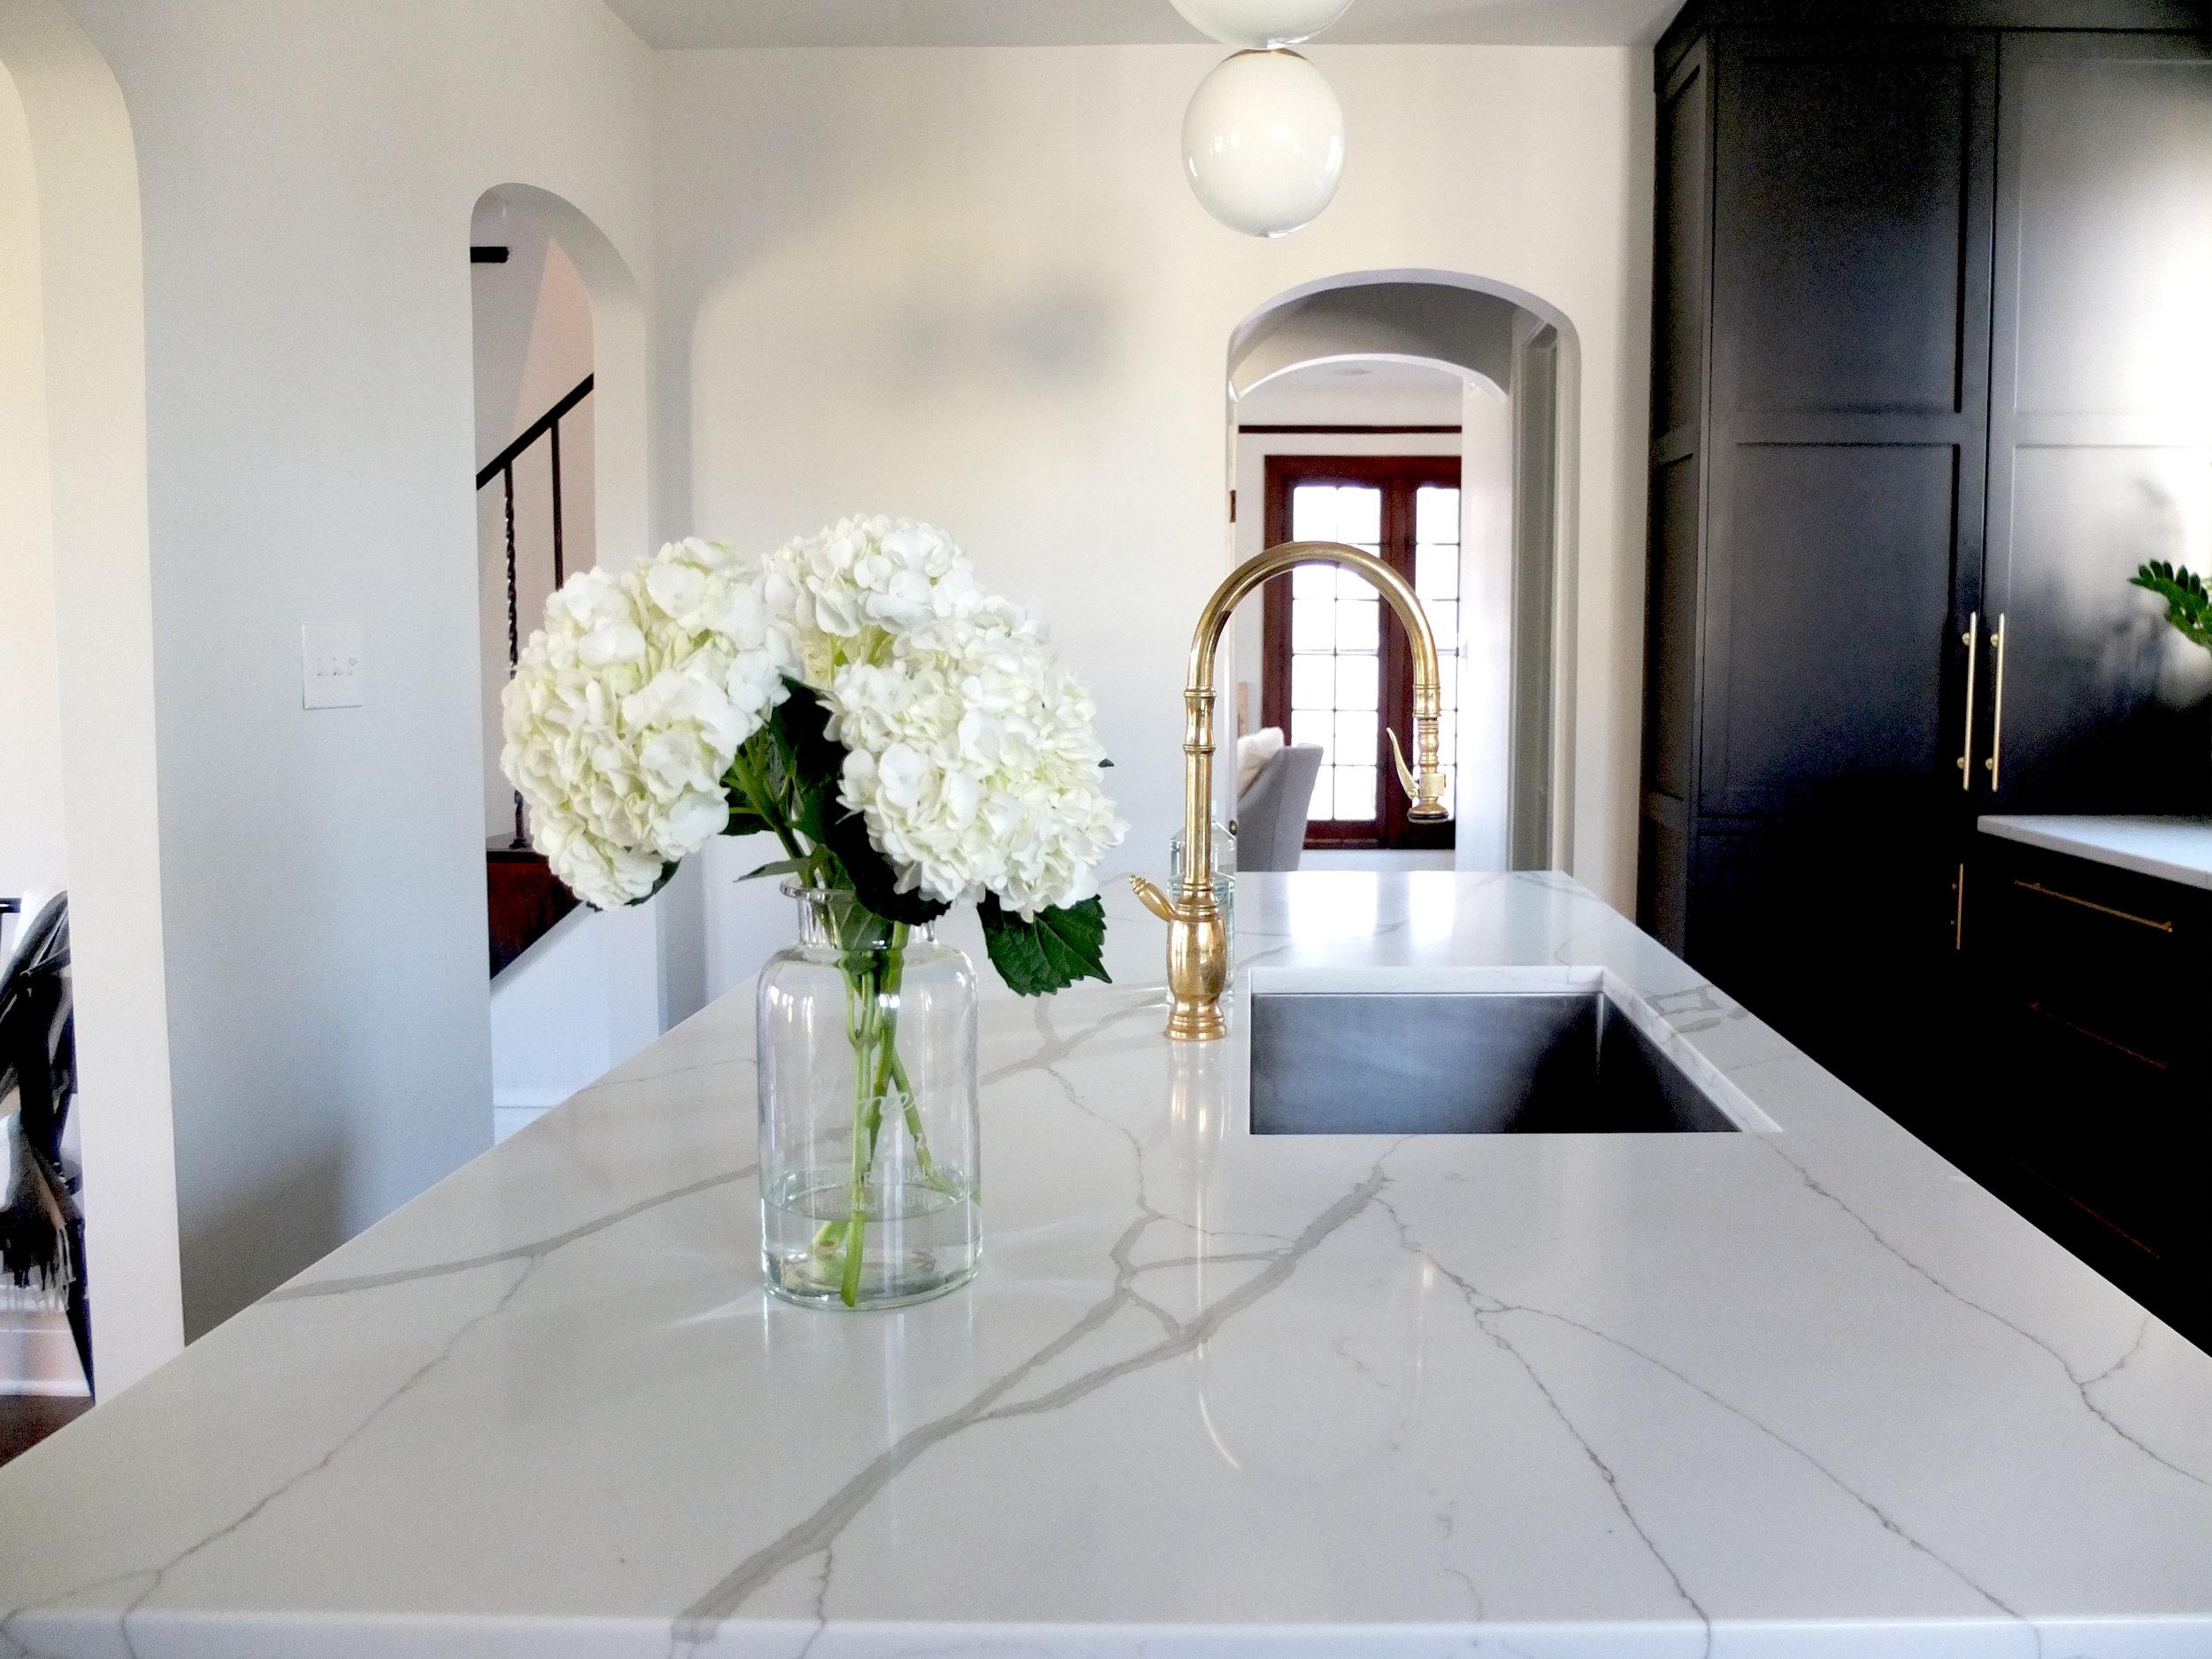 Kitchen_Sink_Side_Detail_DSCF0840.jpg